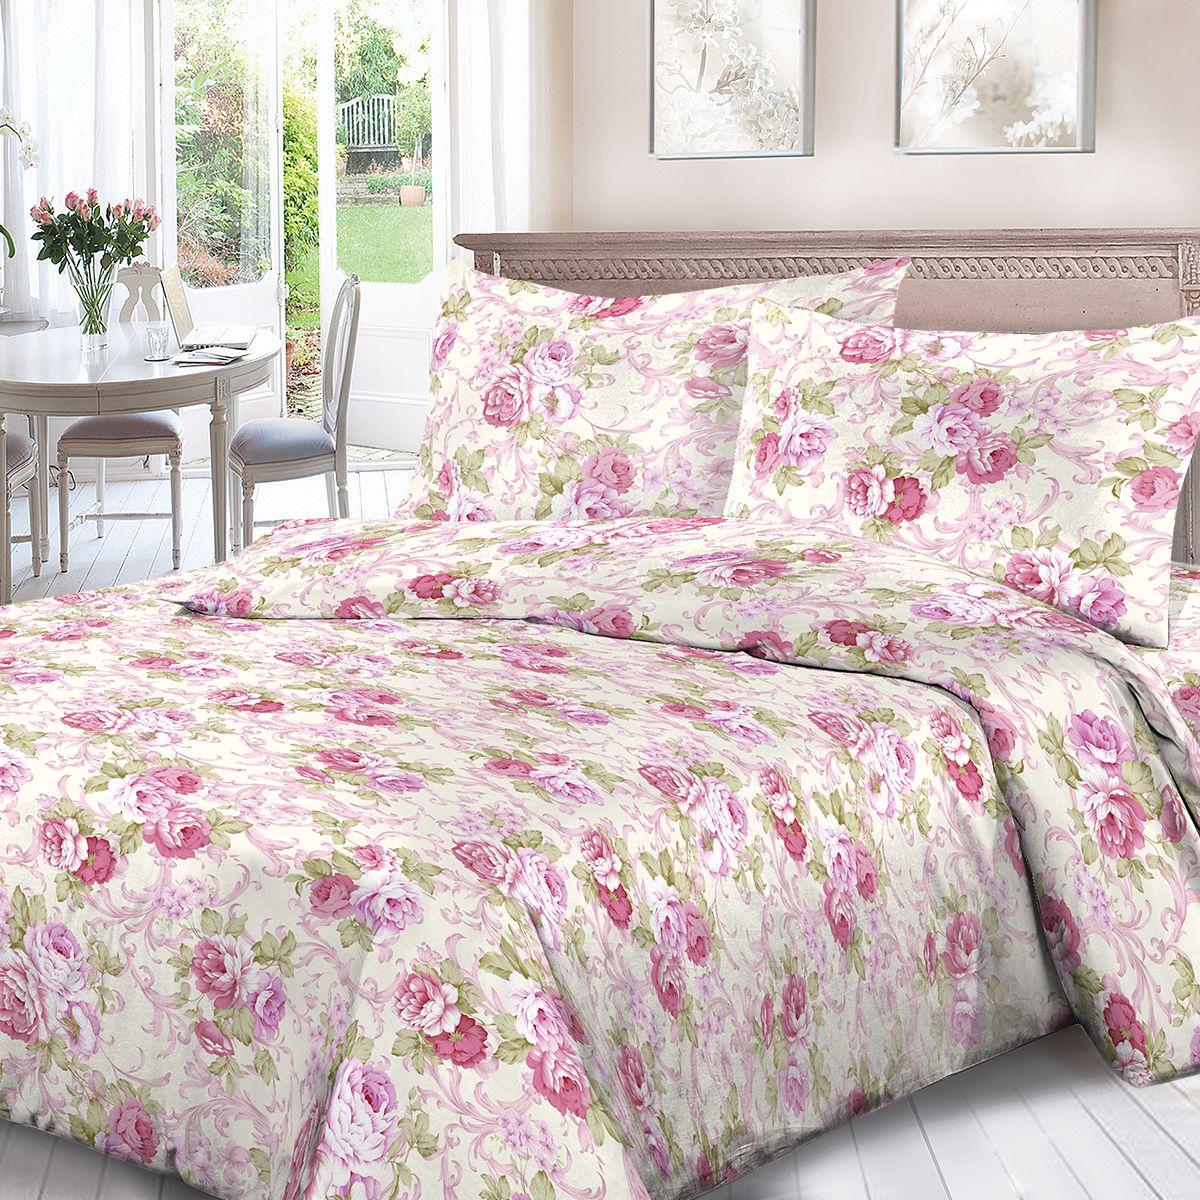 Комплект белья Для Снов Виктория, 2-х спальное, наволочки 70x70, цвет: розовый. 1950-183140